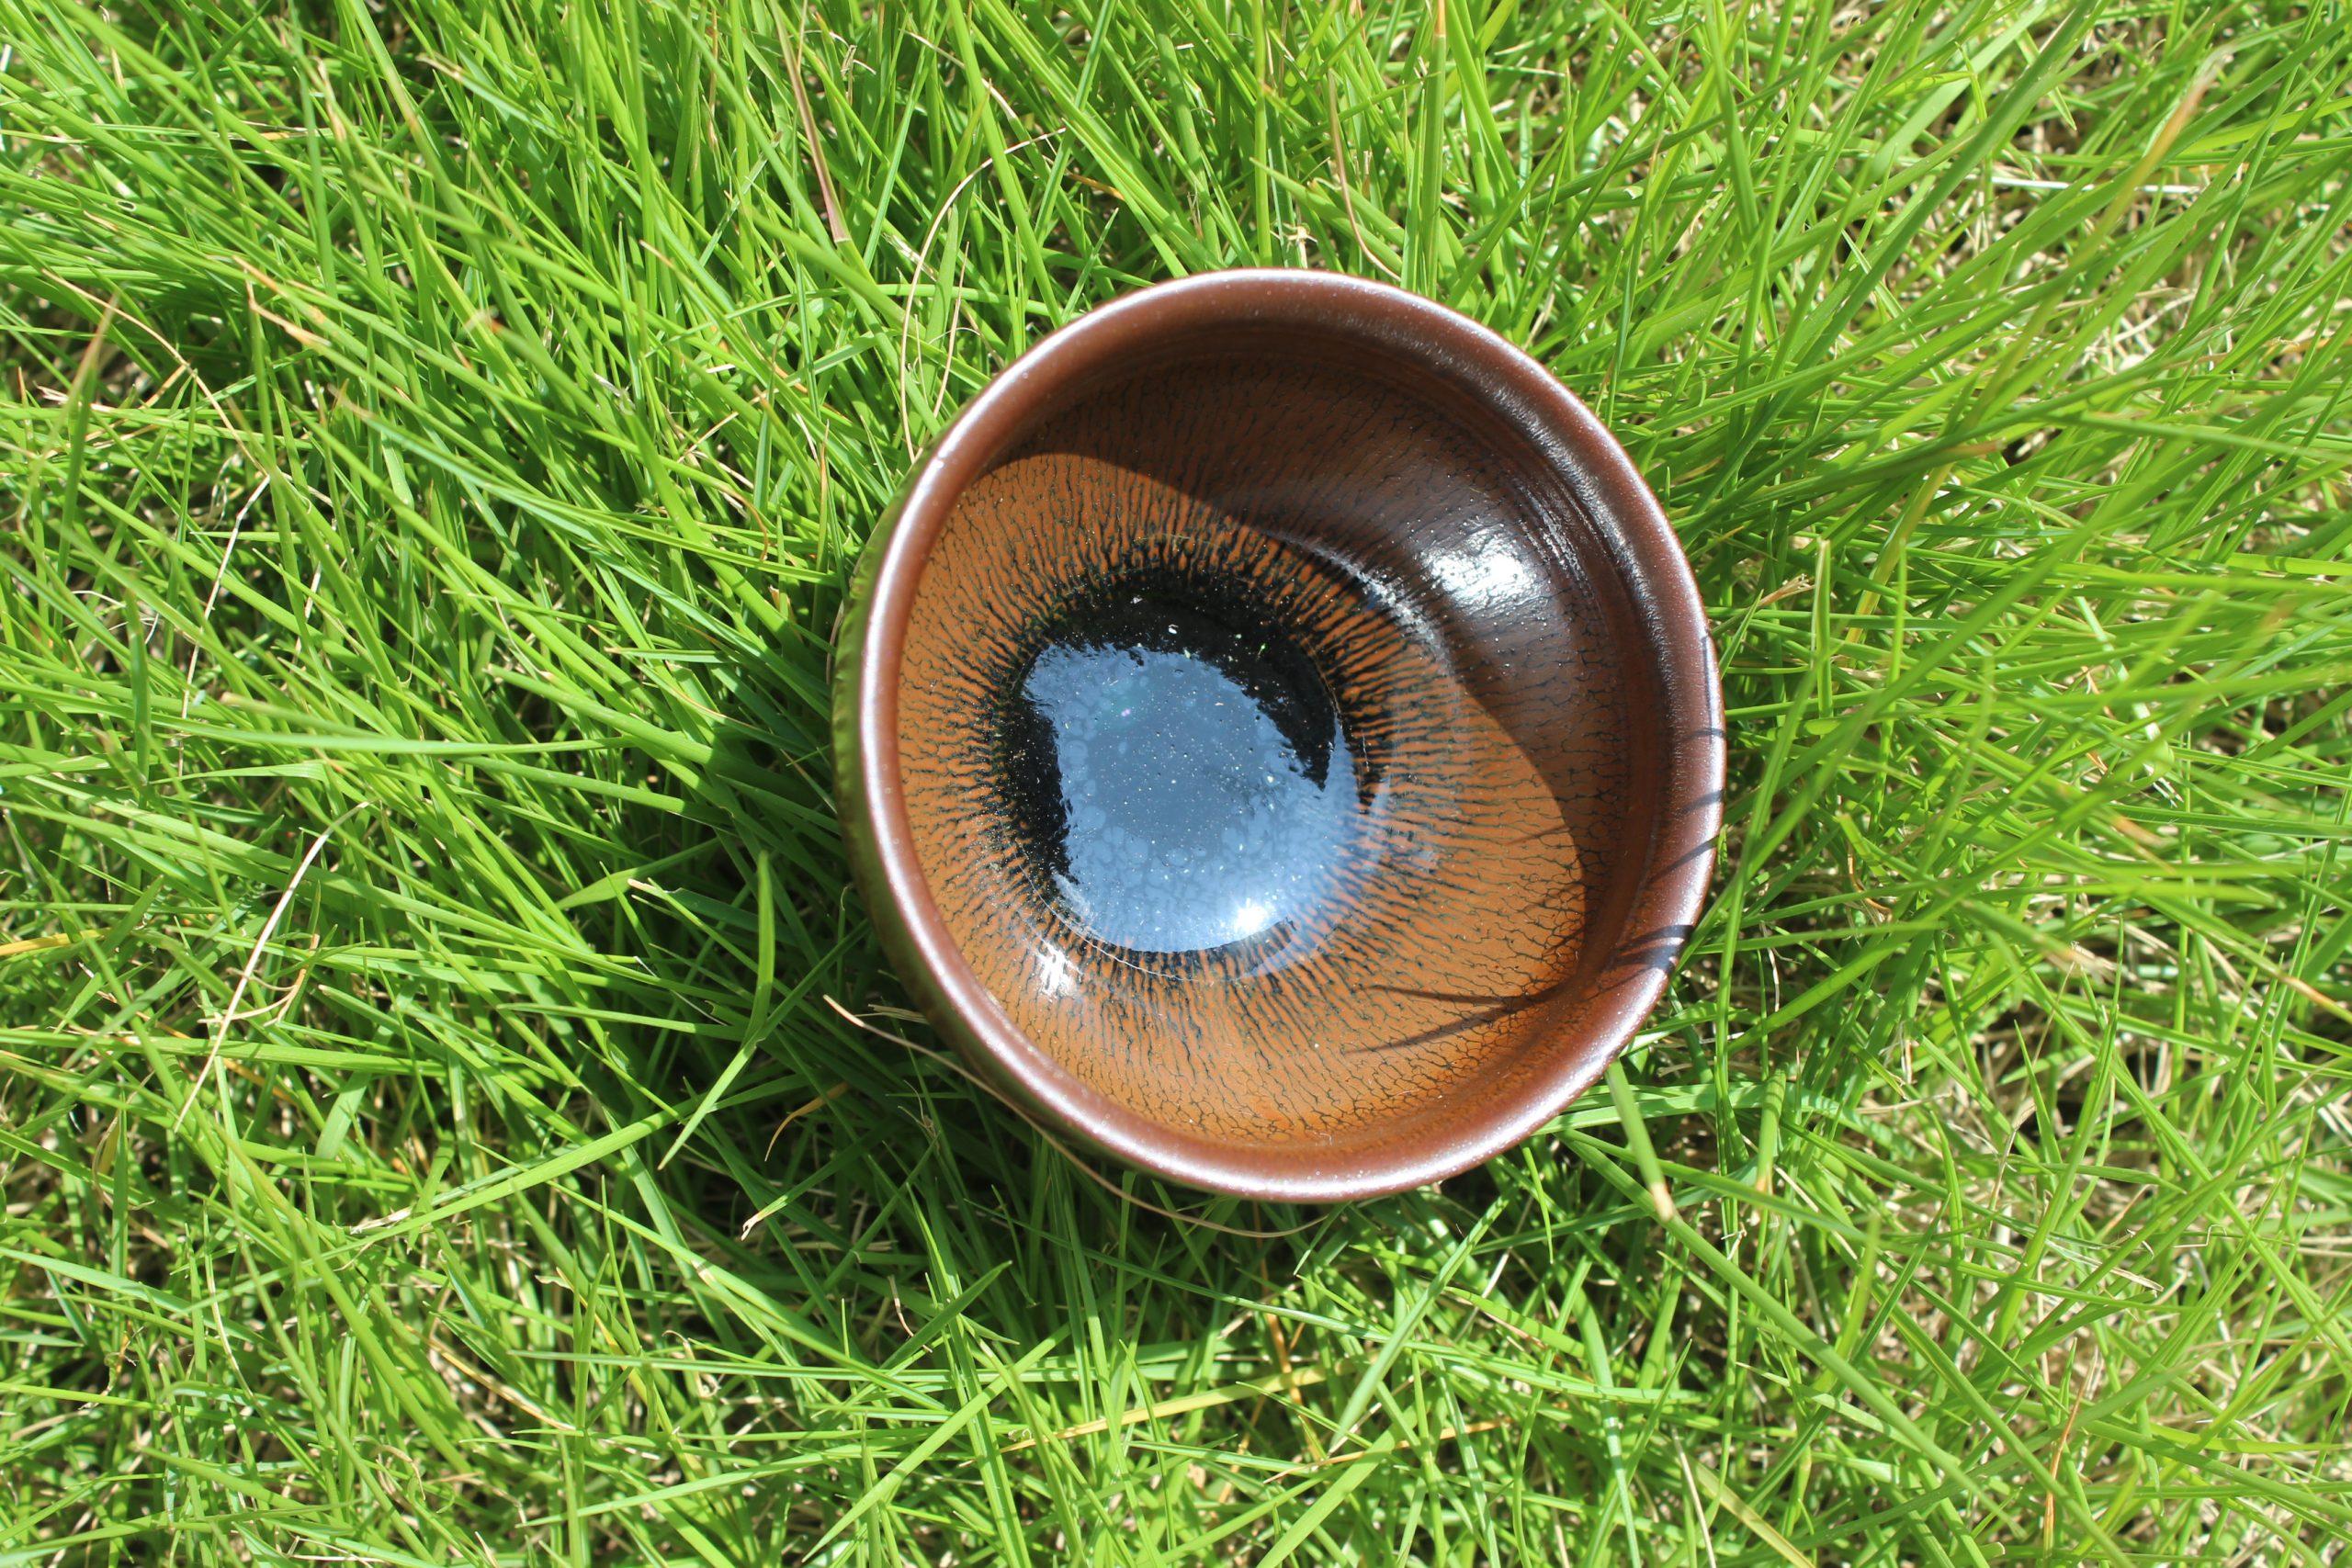 爱茶更要懂茶盏!这几款茶盏你都知道吗?